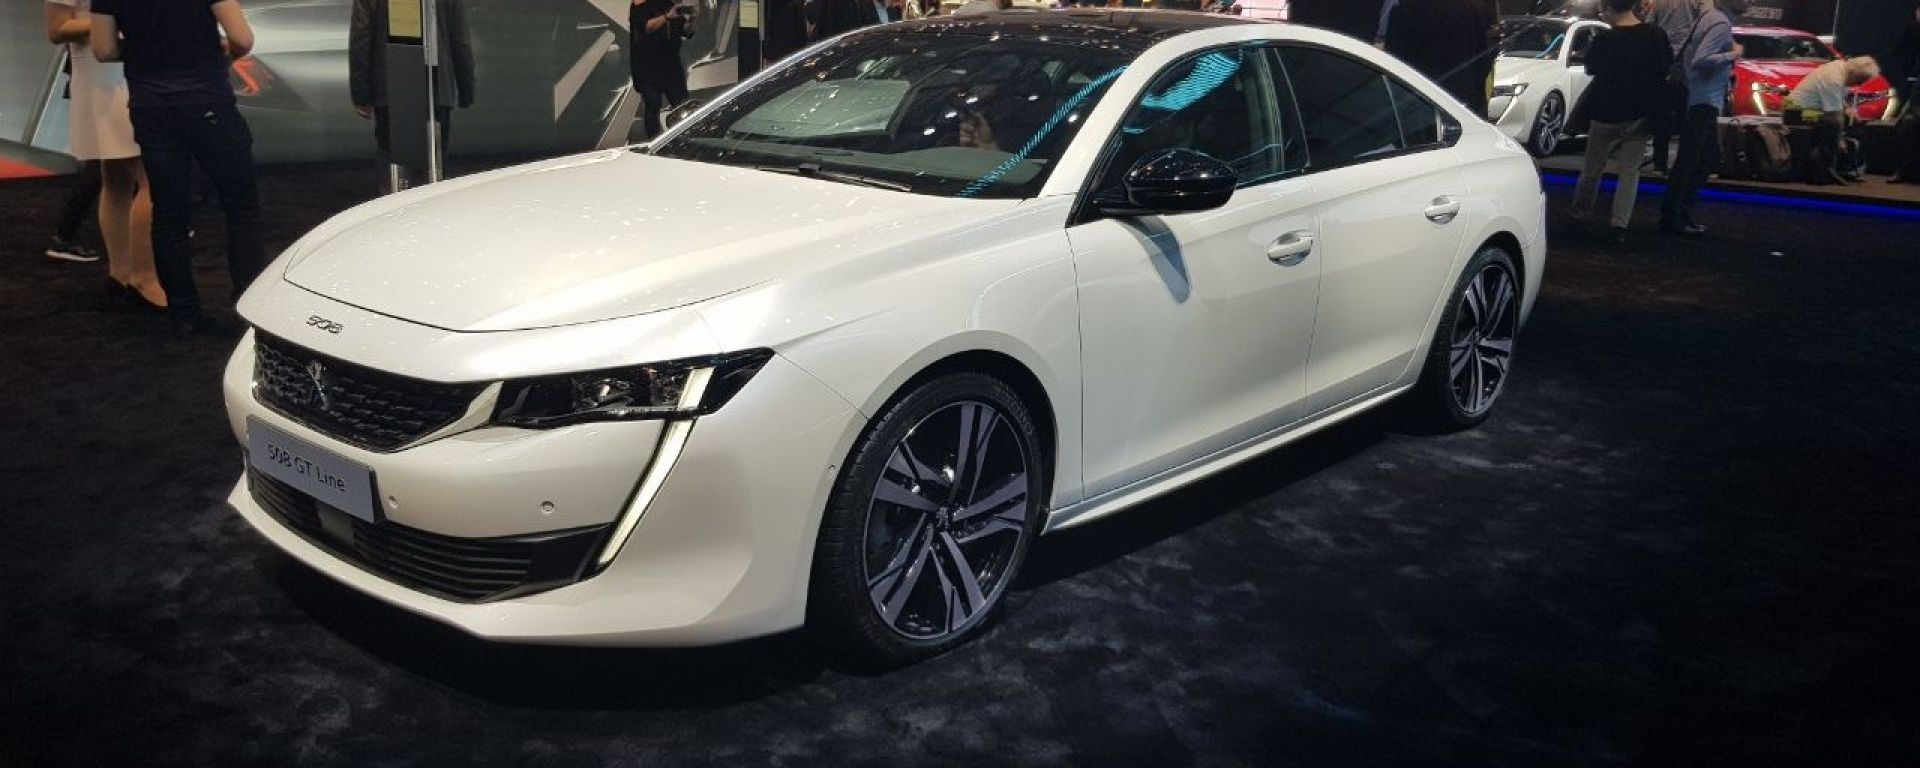 Nuova Peugeot 508: eccola in video